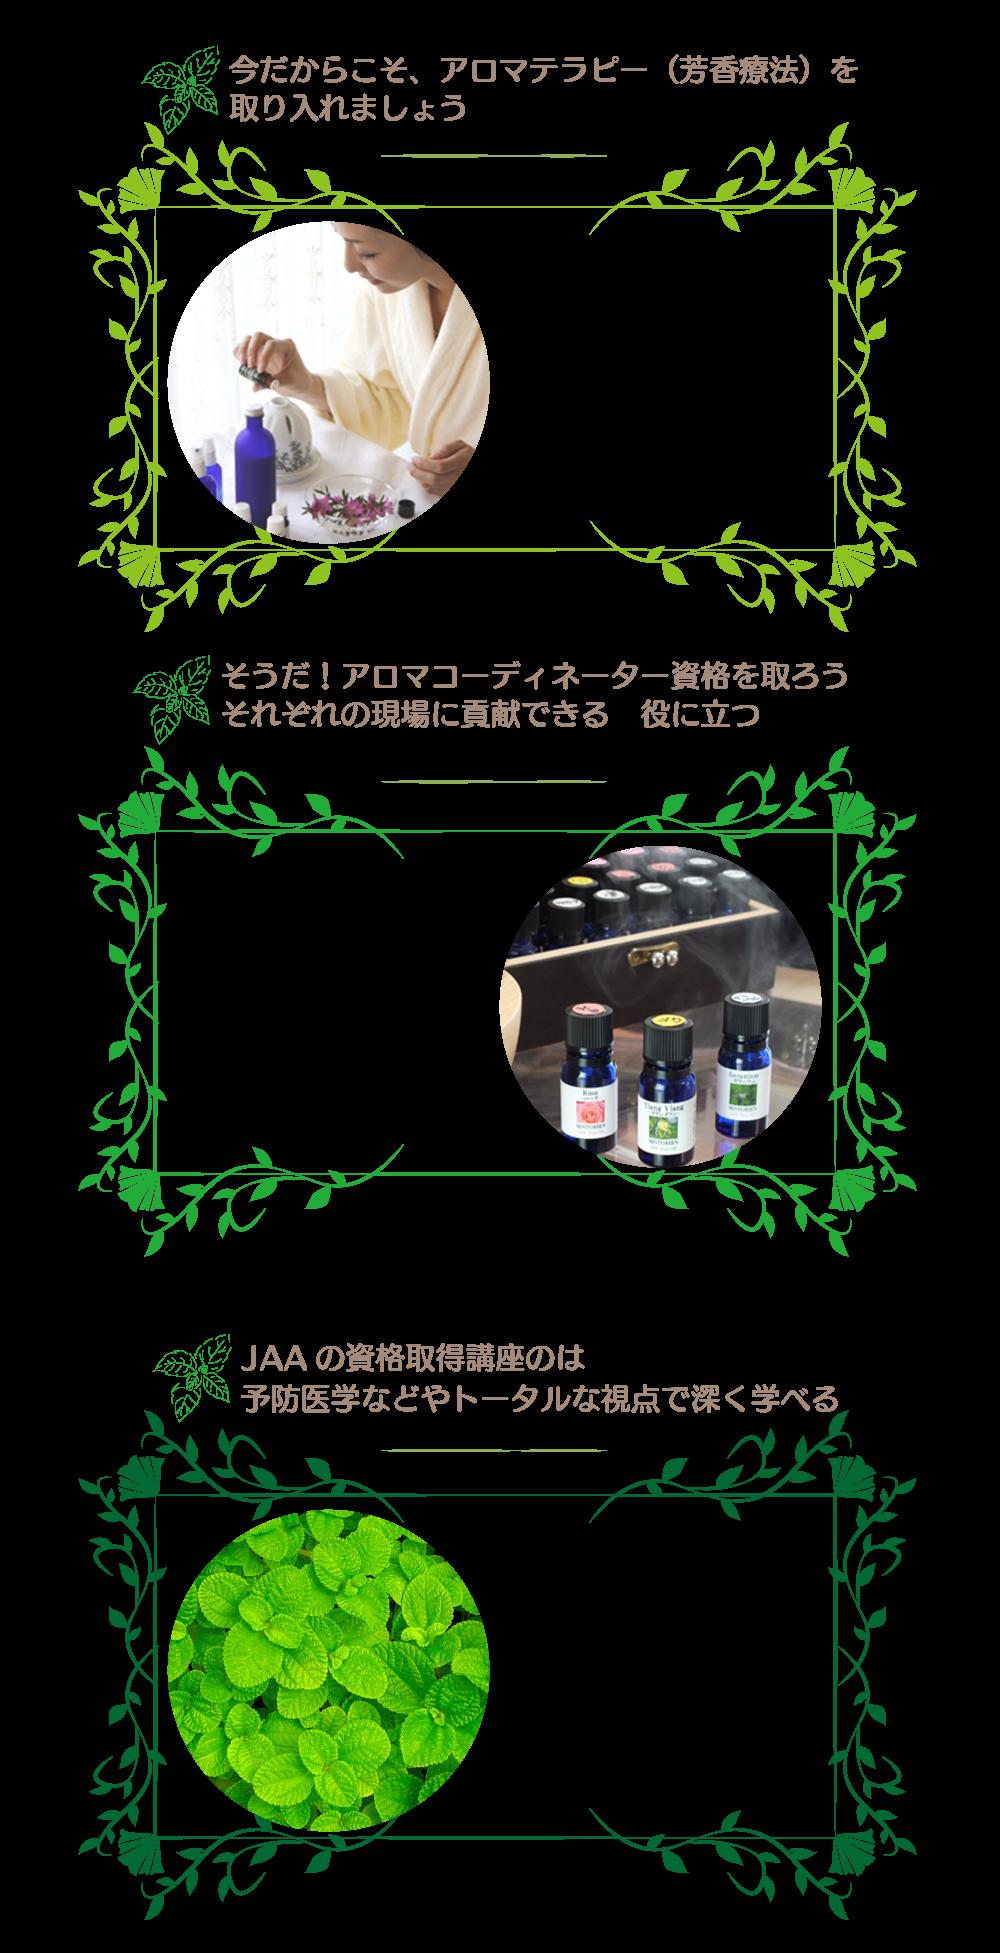 ミントグリーン アロマ資格詳細改定20200103